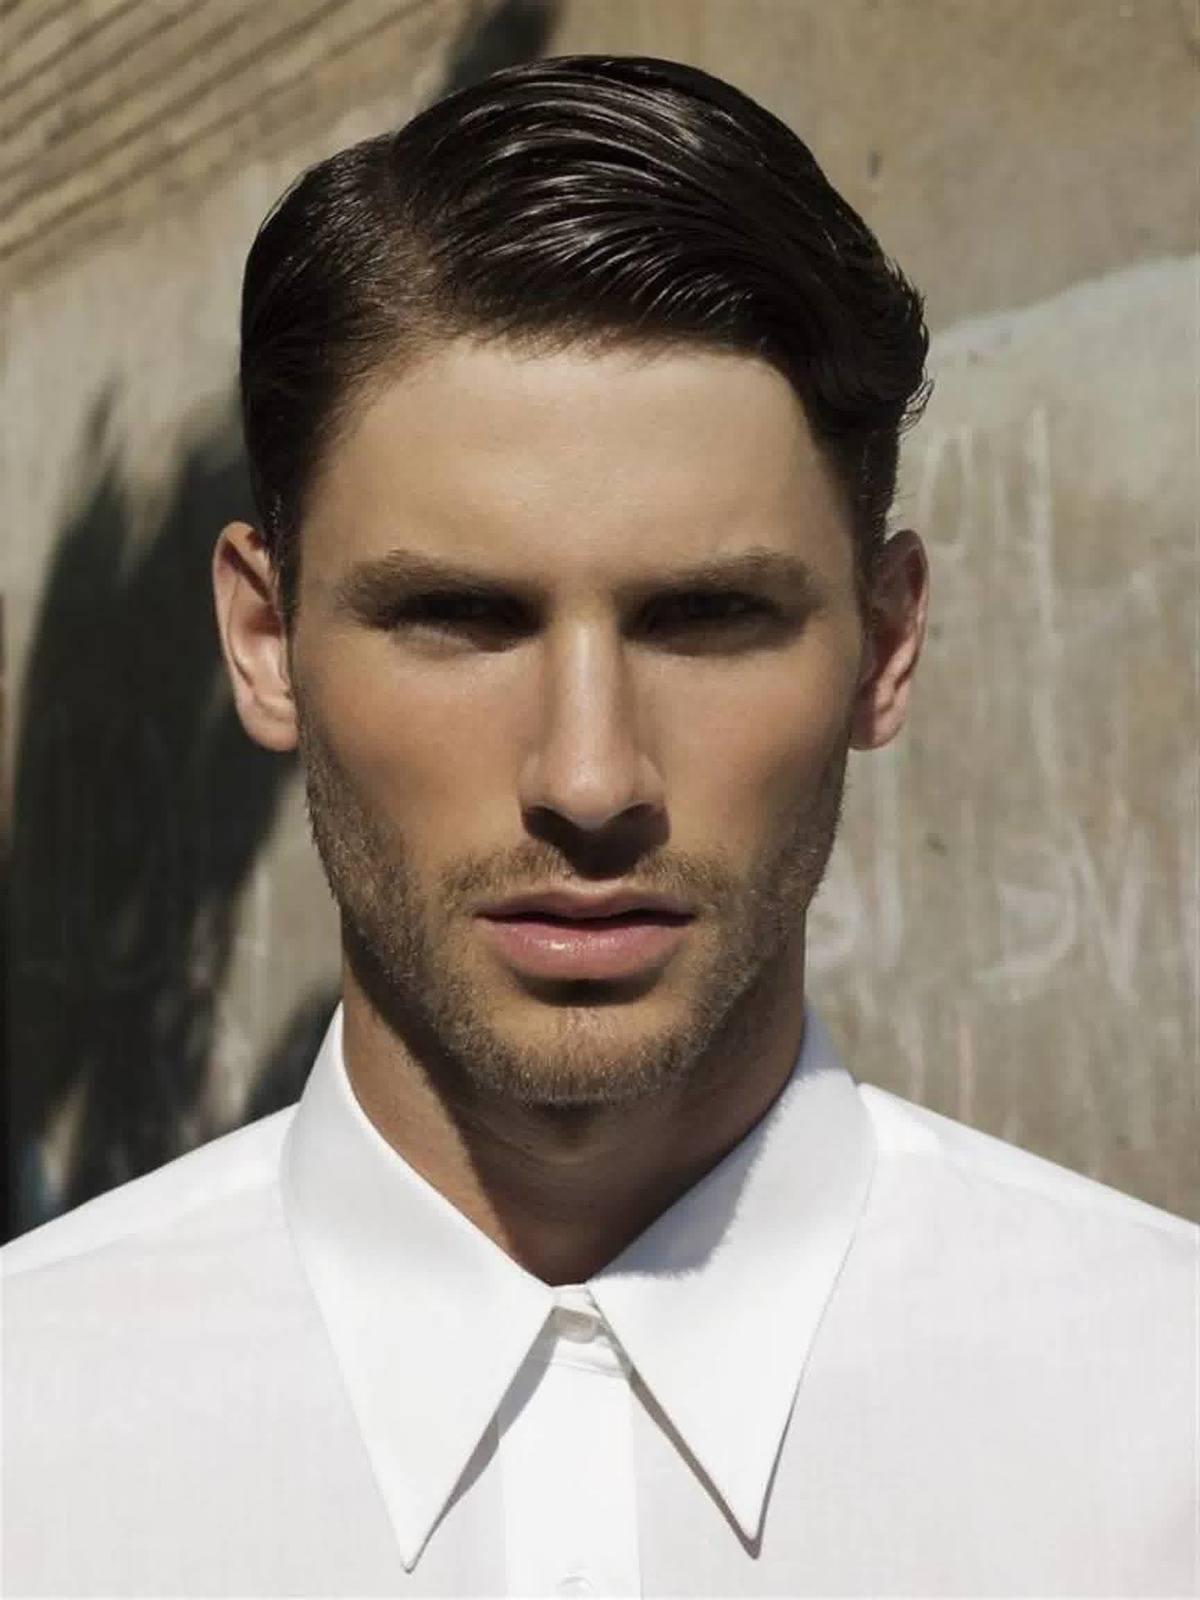 nuevos-cortes-de-pelo-y-peinados-masculinos-2015